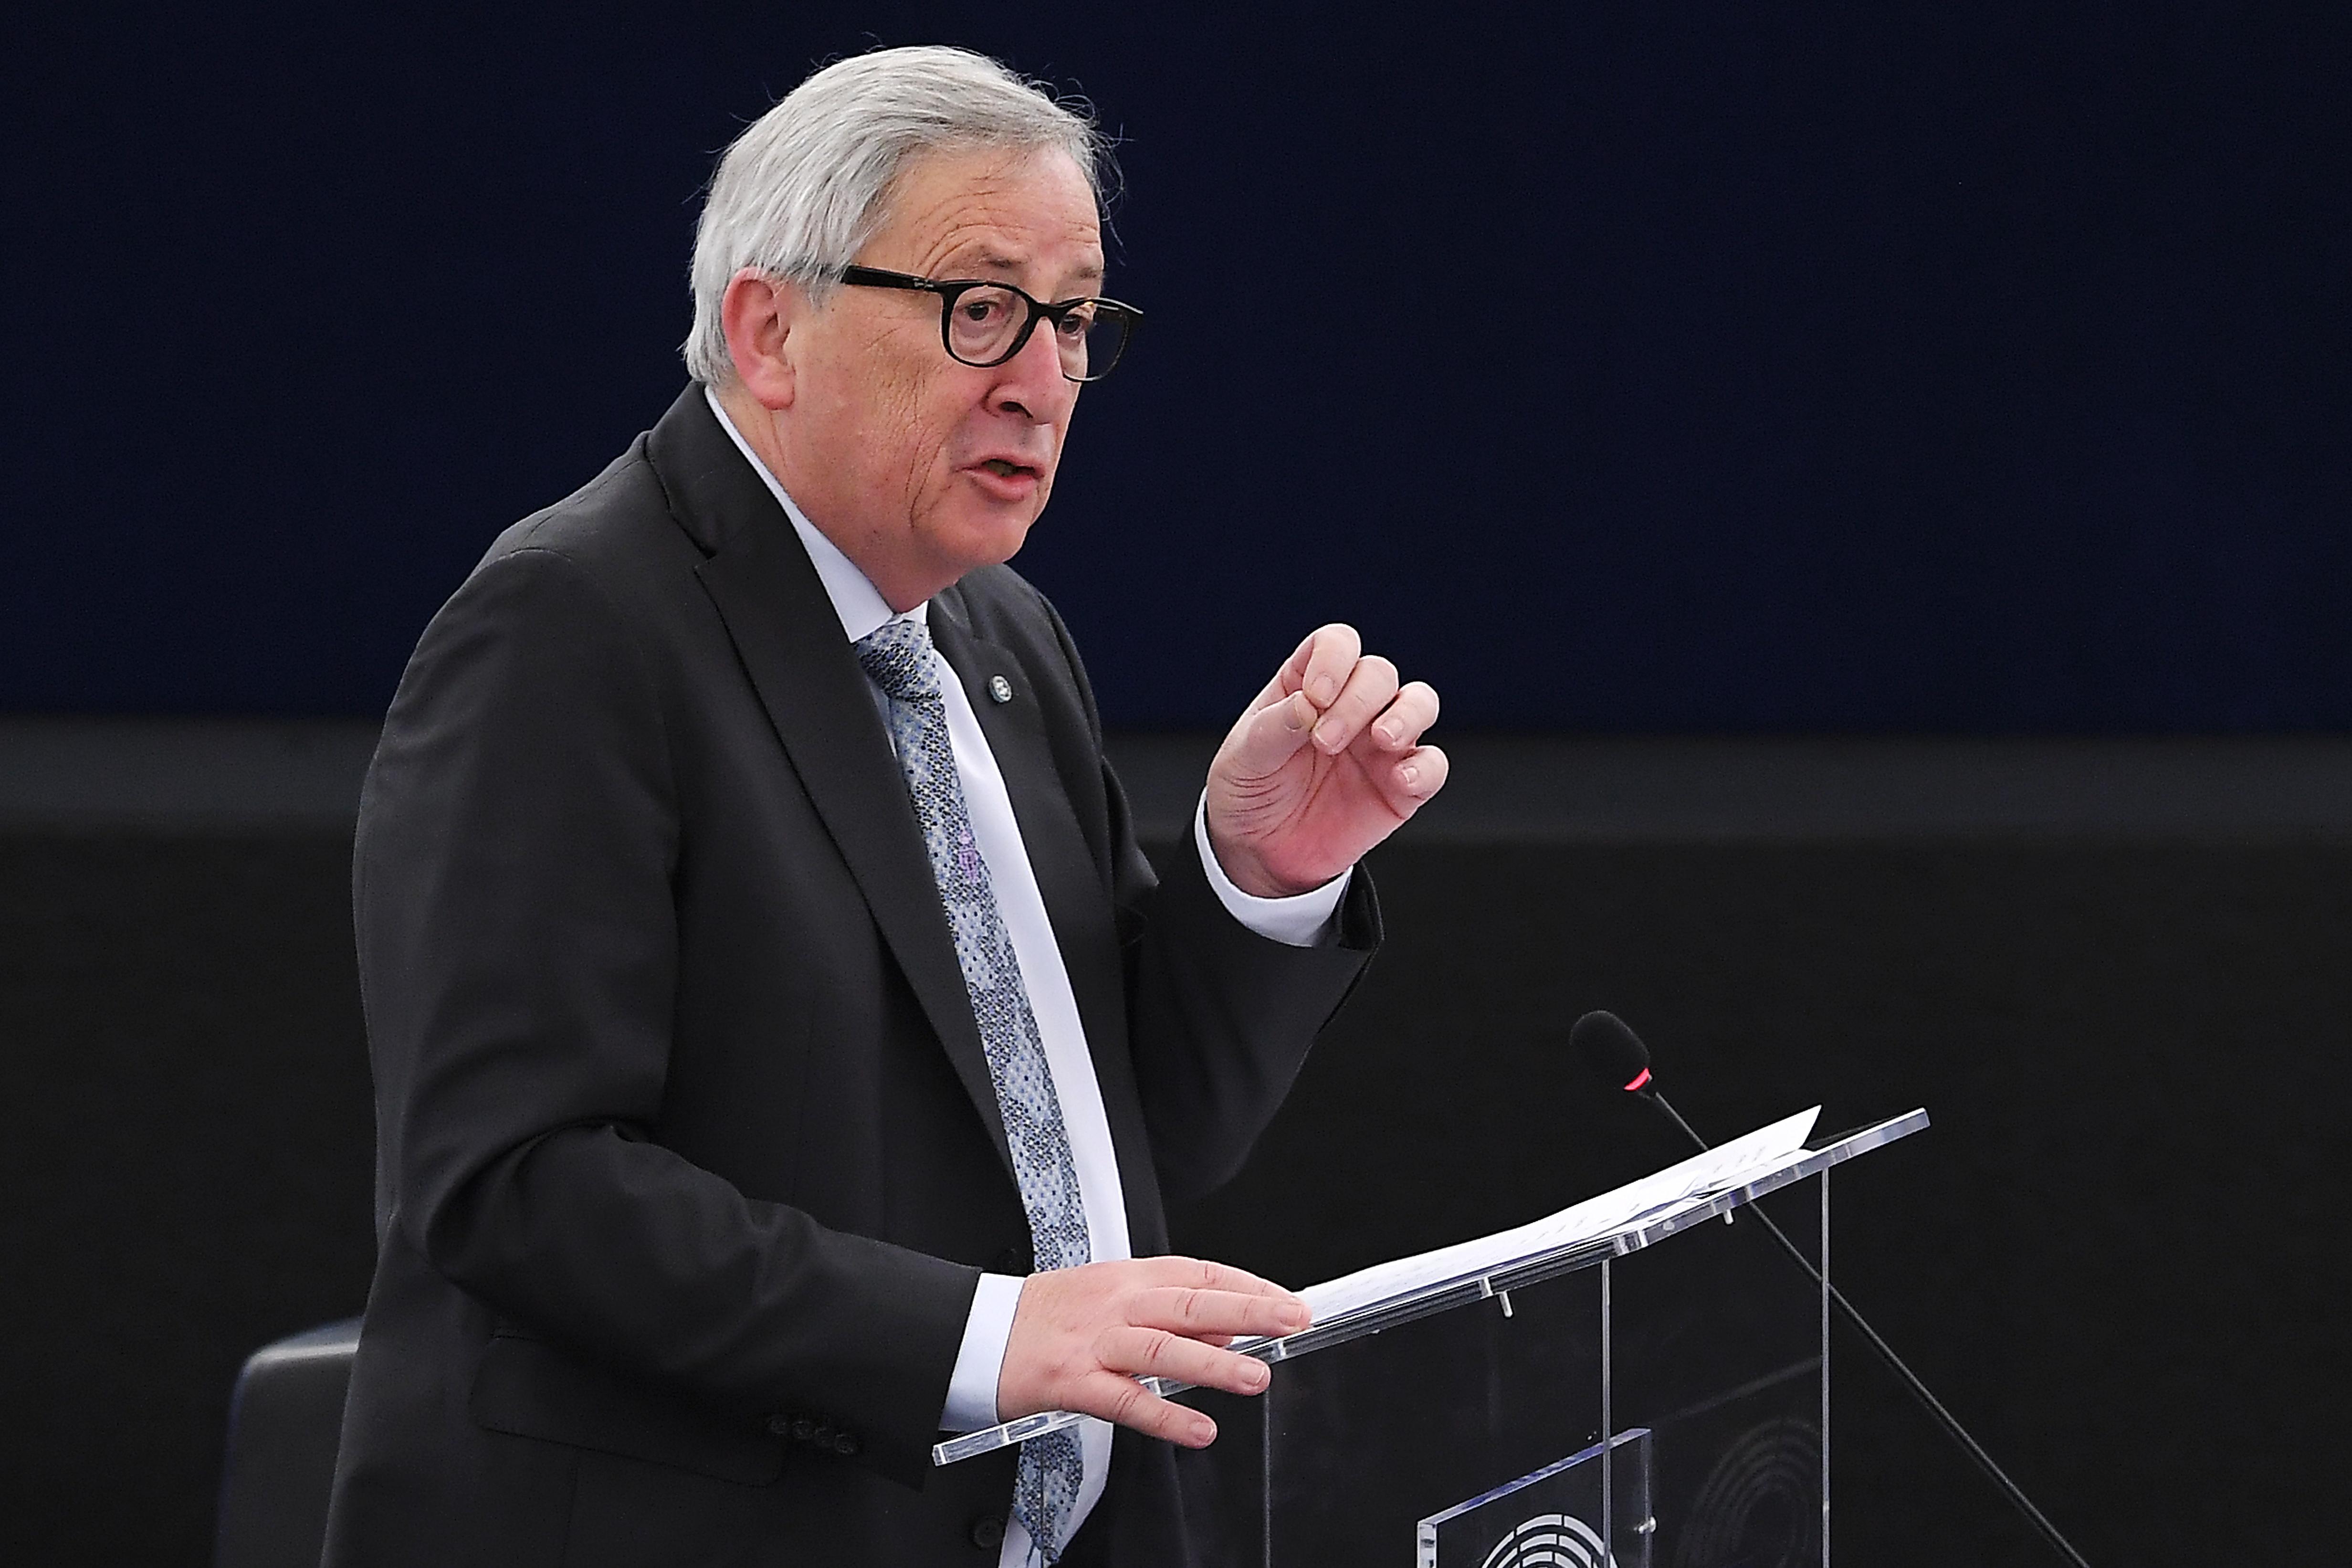 Juncker harcot hirdetett az álhírek ellen, szerinte Orbán Oroszországhoz hasonlóan befolyásolja a választókat